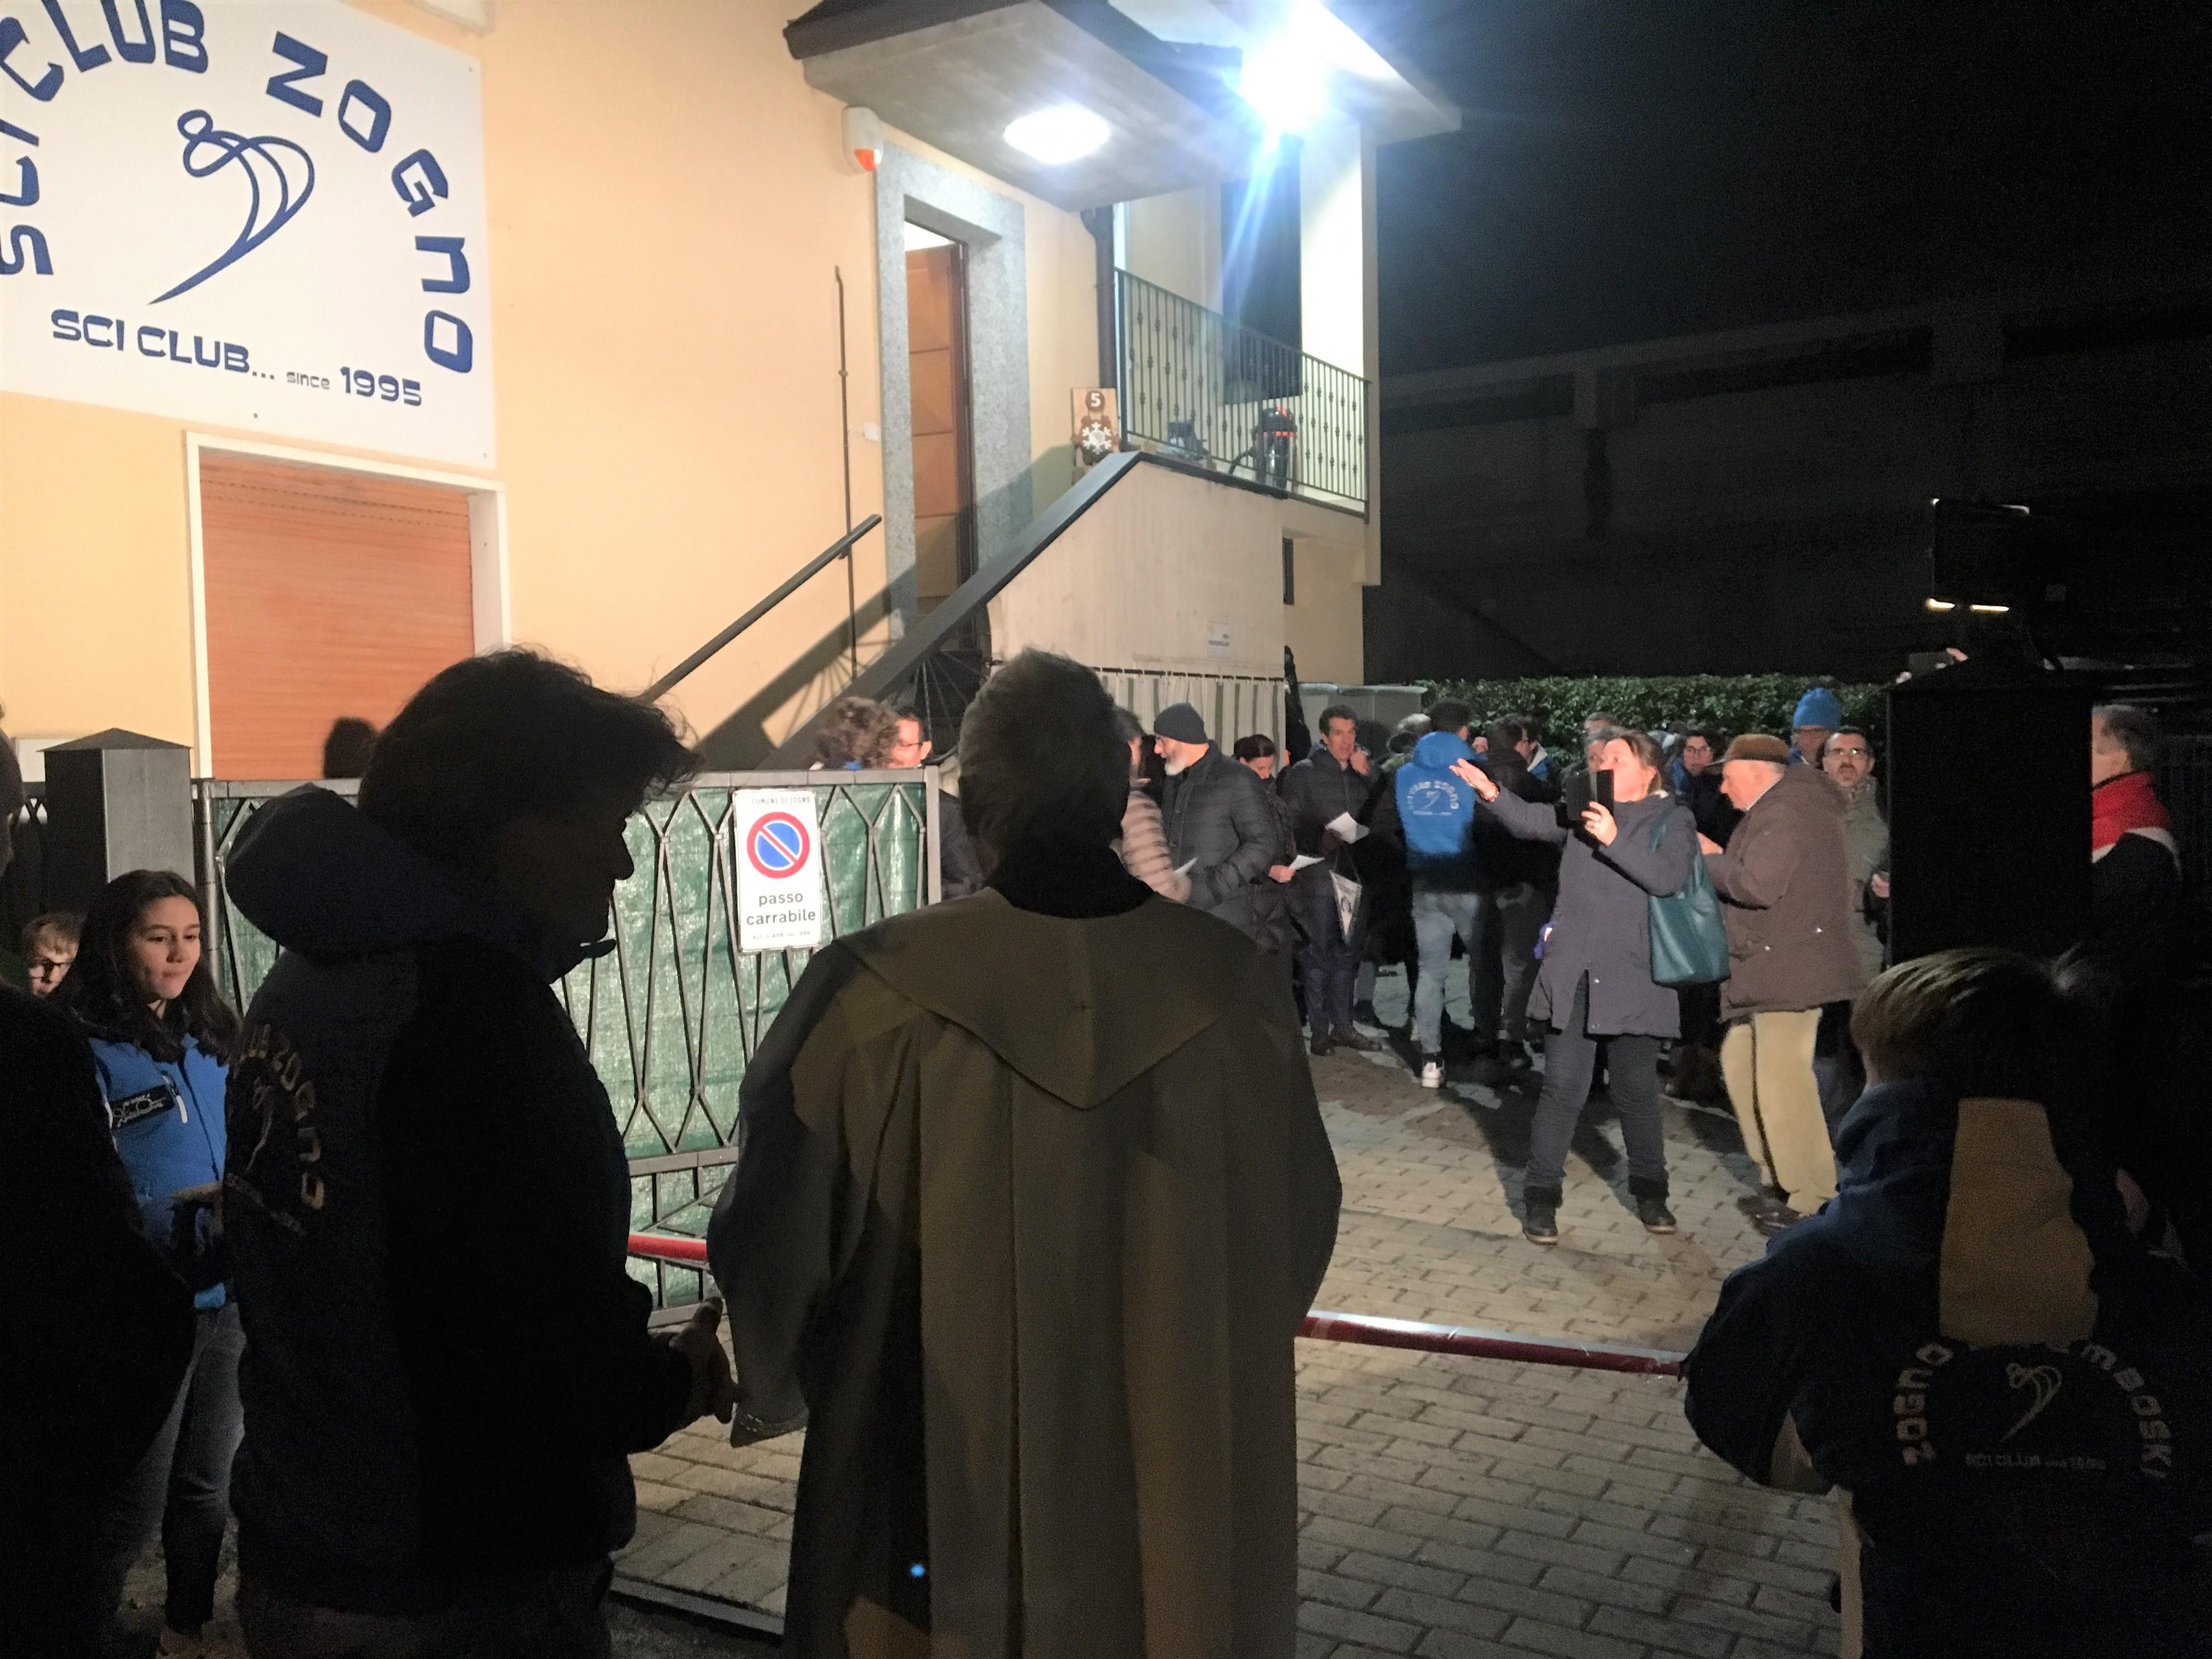 20.12.2018 - Inaugurazione Sede Sci club Zogno (2)